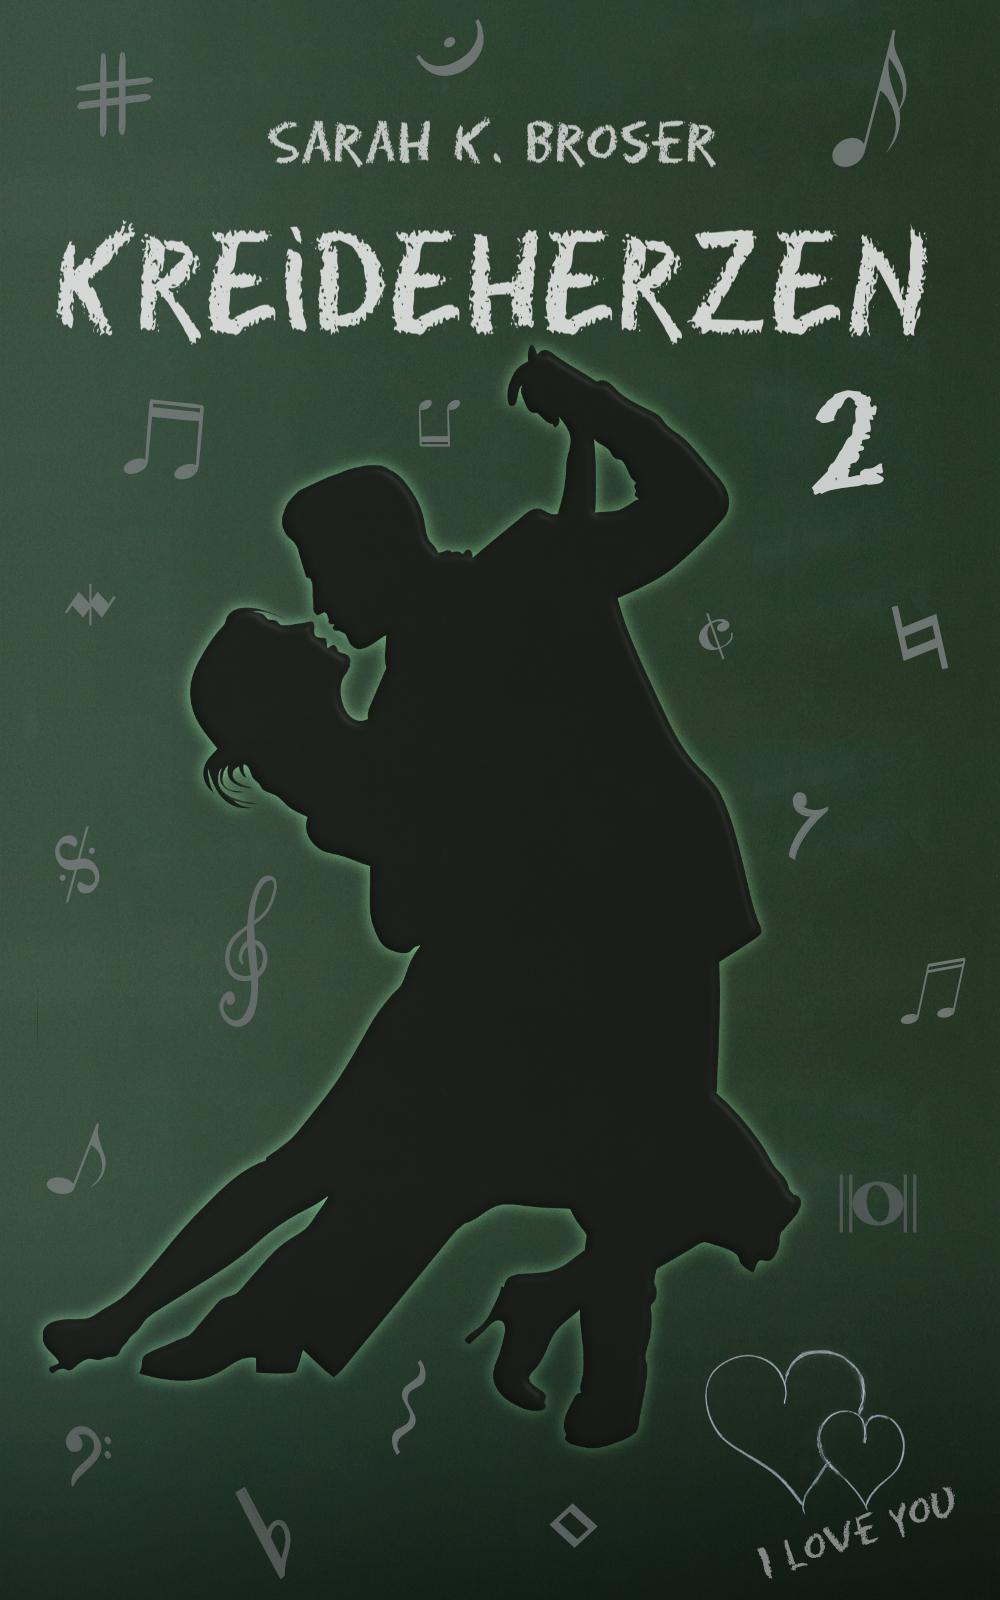 Kreideherzen 2: Sarah K Broser Cover